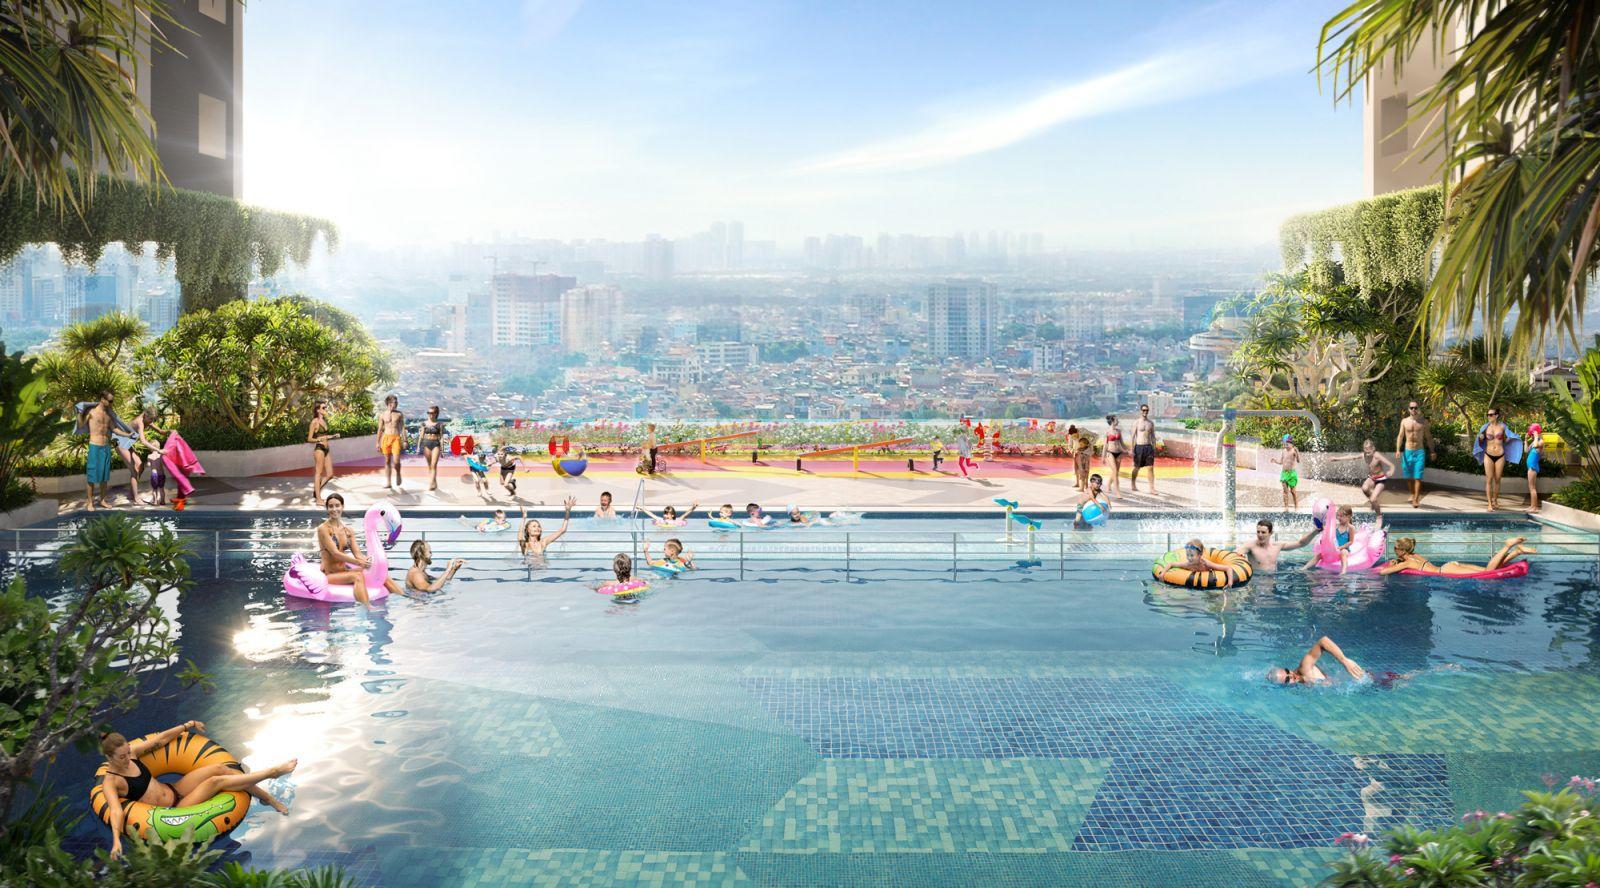 Hồ bơi sky pool tại tầng 5 của dự án Moonlight Centre Point mang lại nhiều trải nghiệm mới lạ cho cư dân.Ảnh: Hưng Thịnh Land